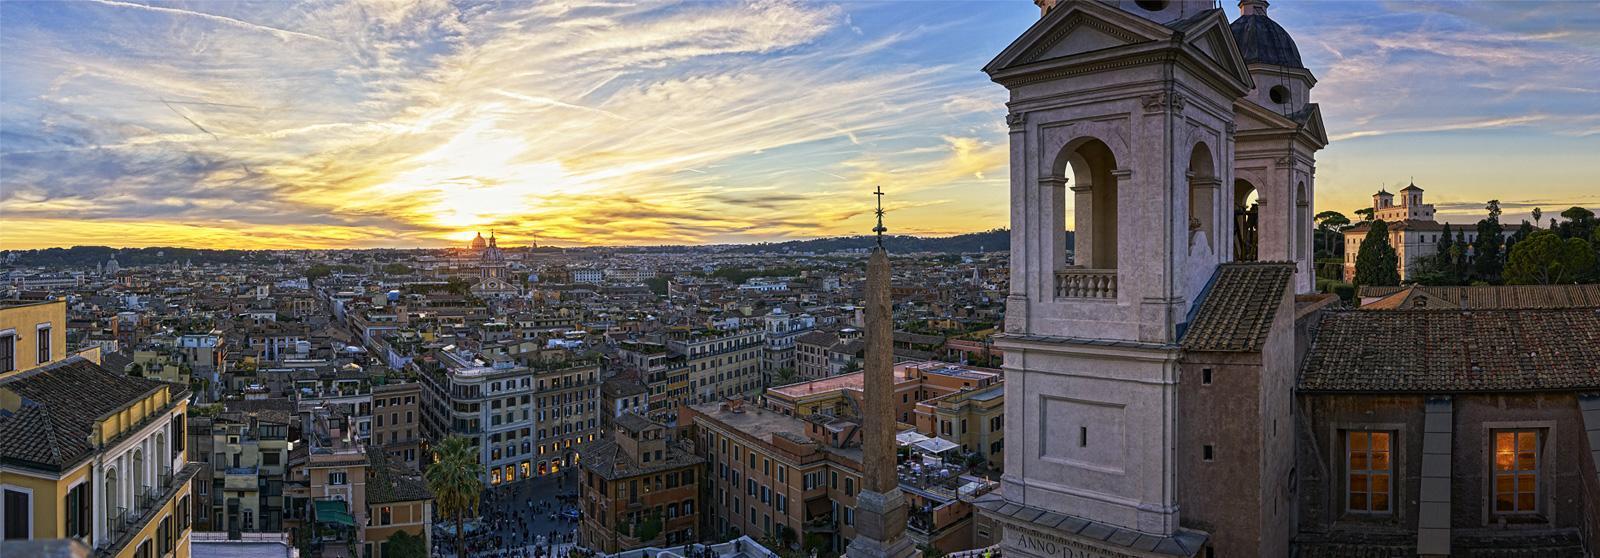 哈斯勒罗马酒店(Hassler Roma)【 罗马,意大利】 酒店  www.lhw.cn